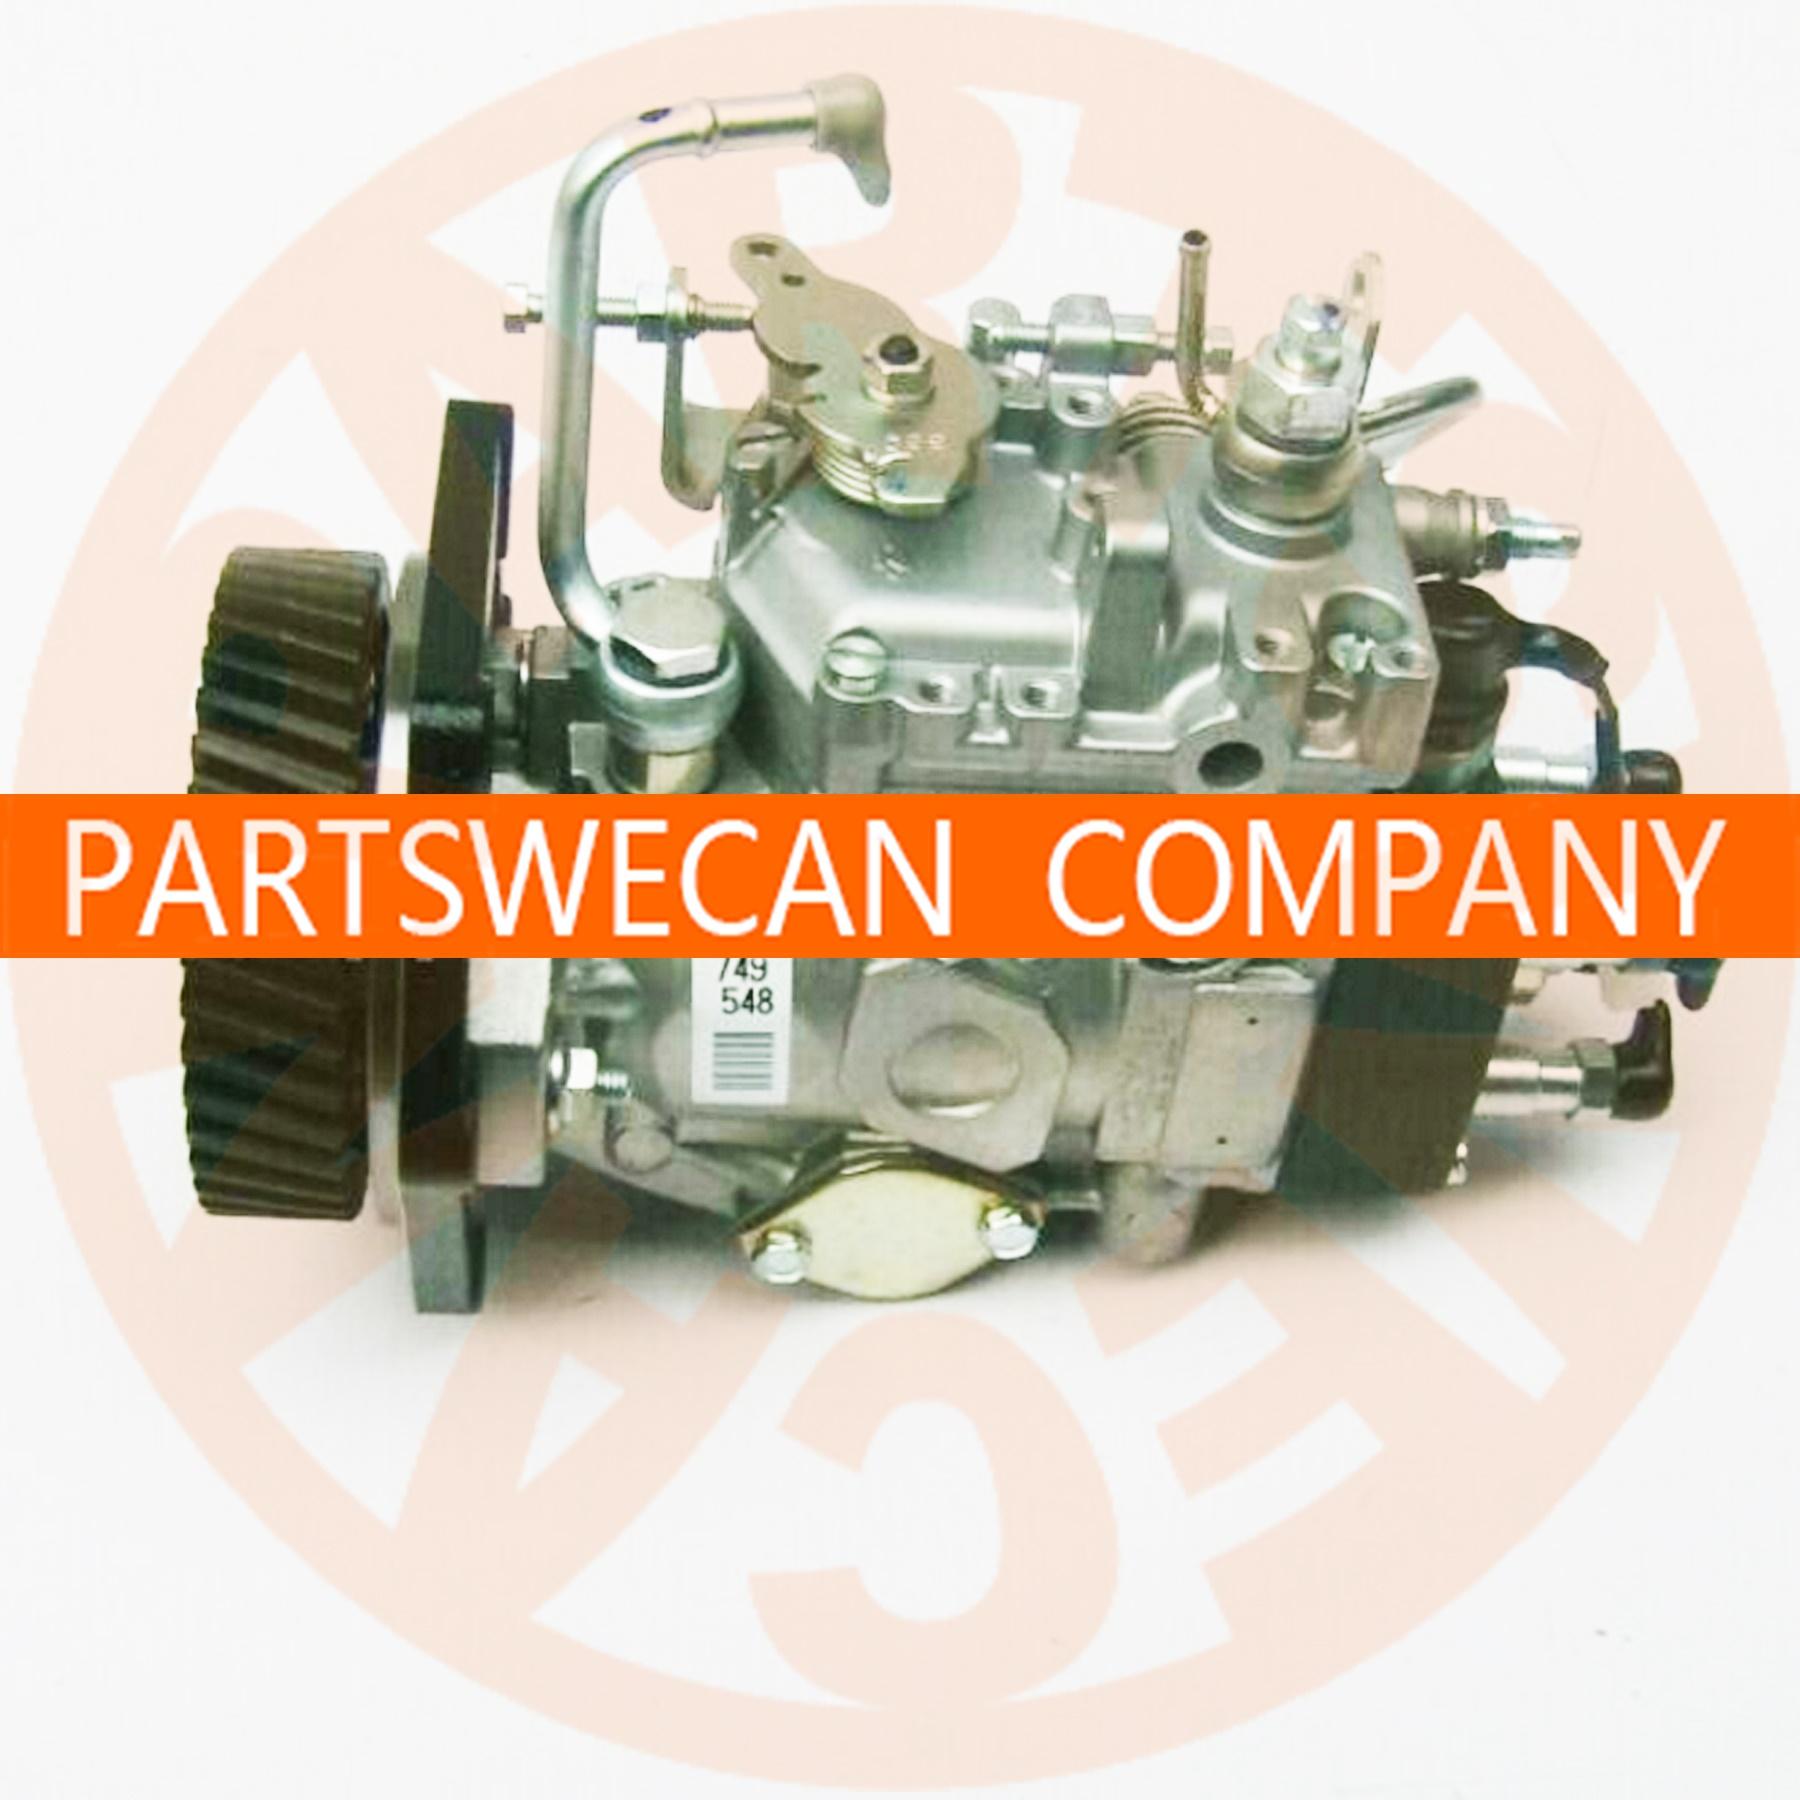 Isuzu C240 Engine Parts Diagram | Wiring Library